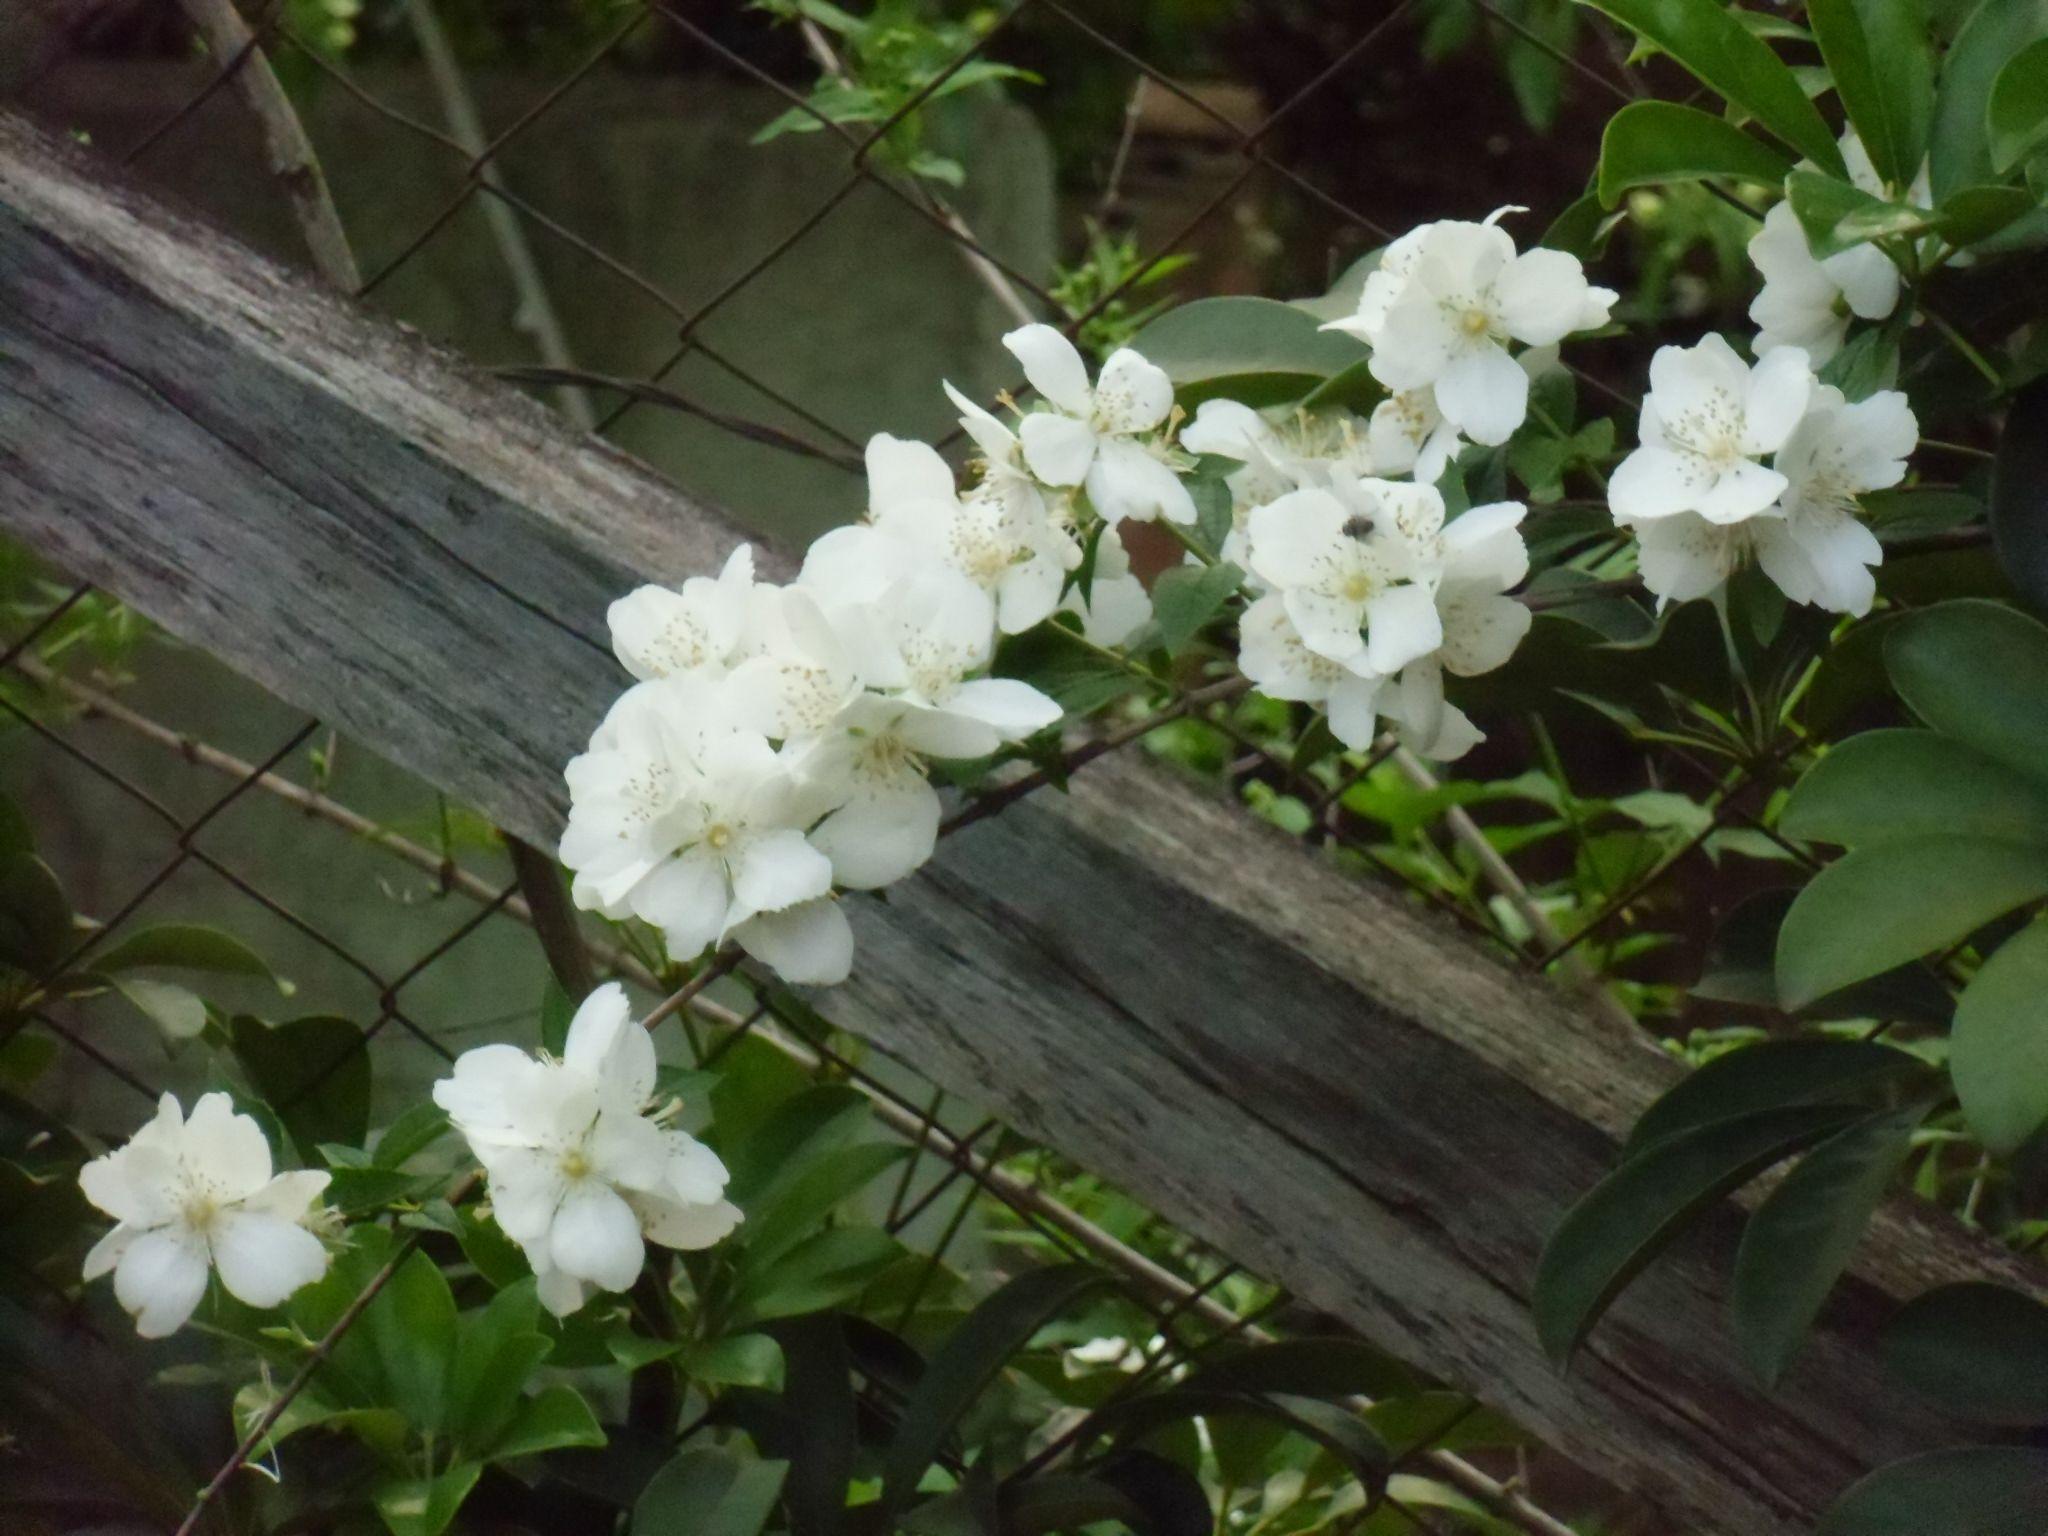 Essas flores estavam realmente lindas!